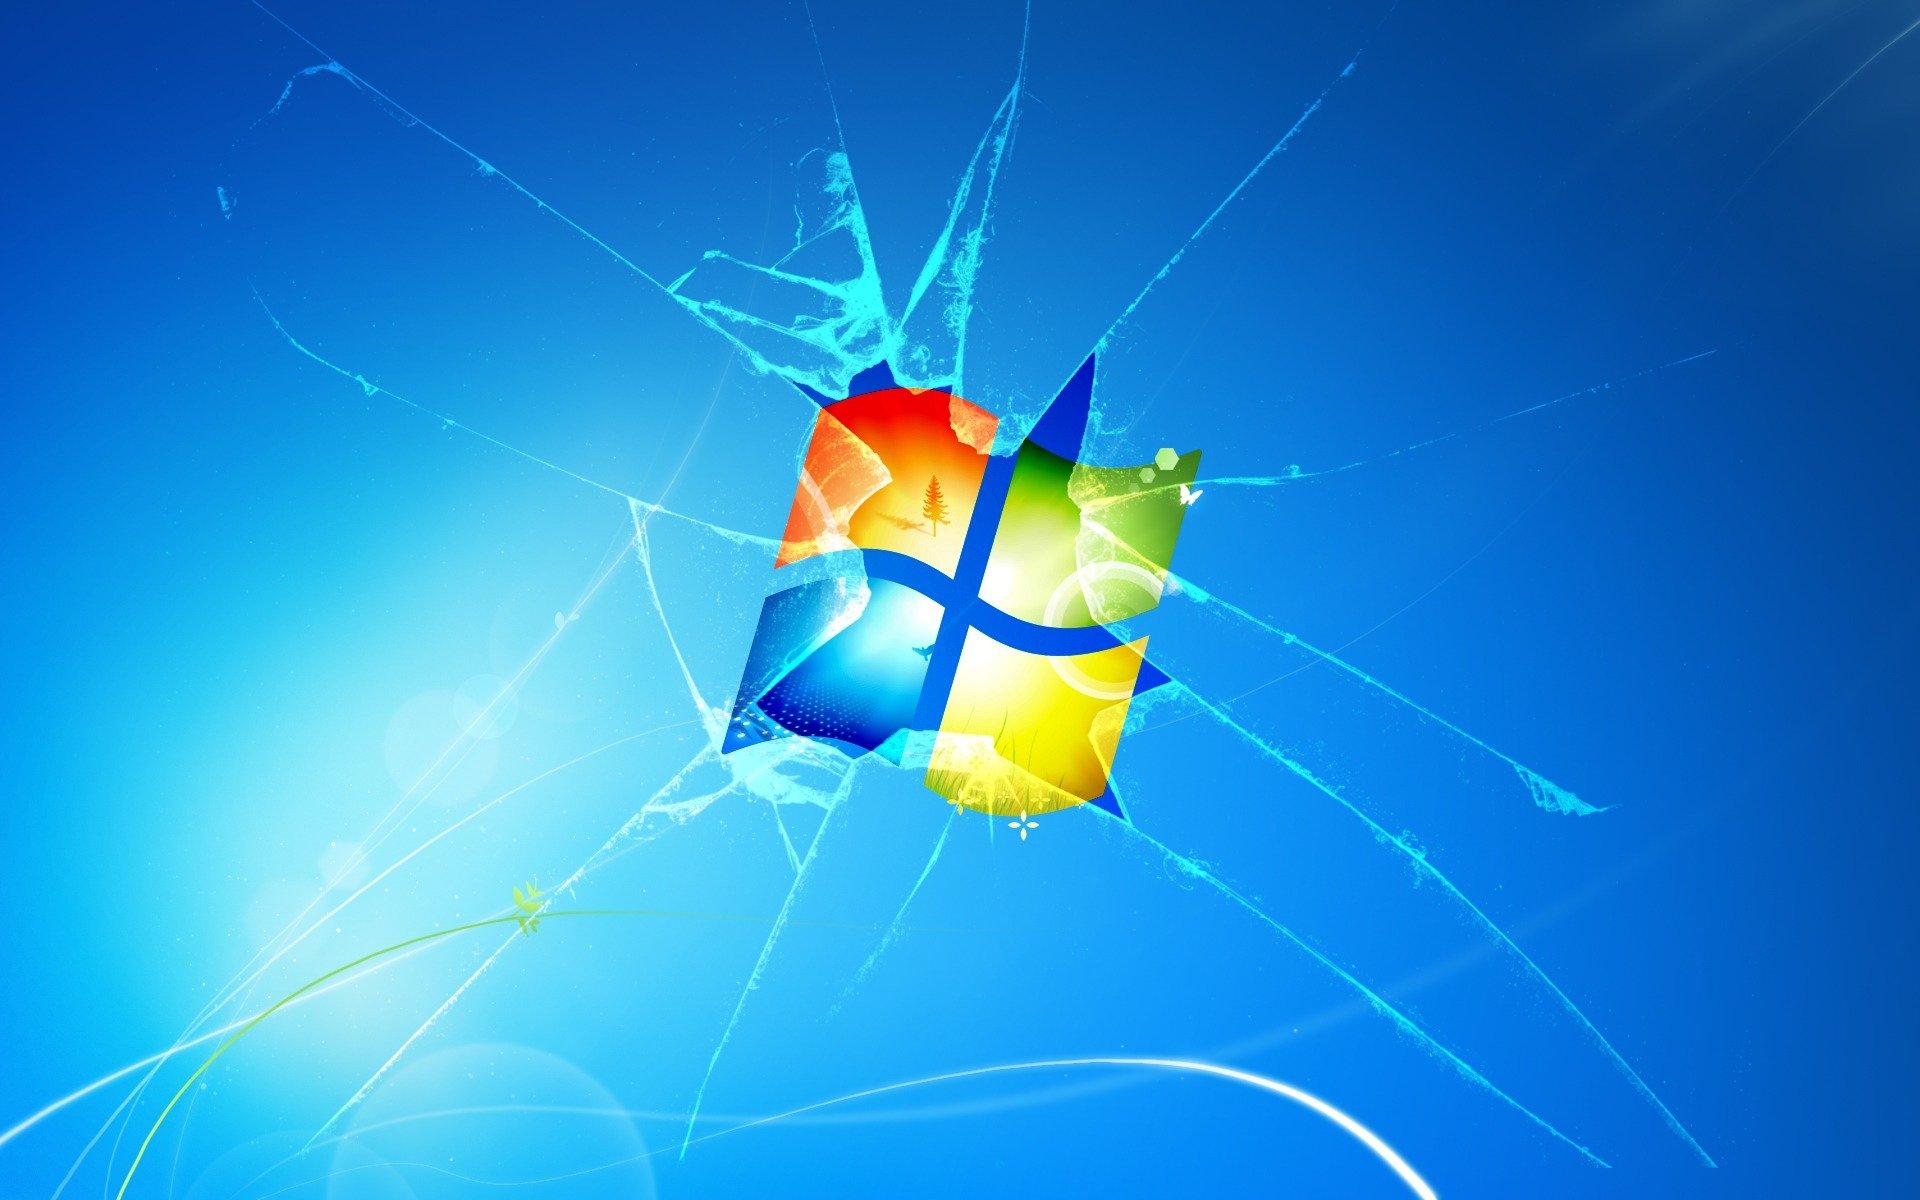 Скачать гаджеты для Windows 10 windows 7 и Windows 81